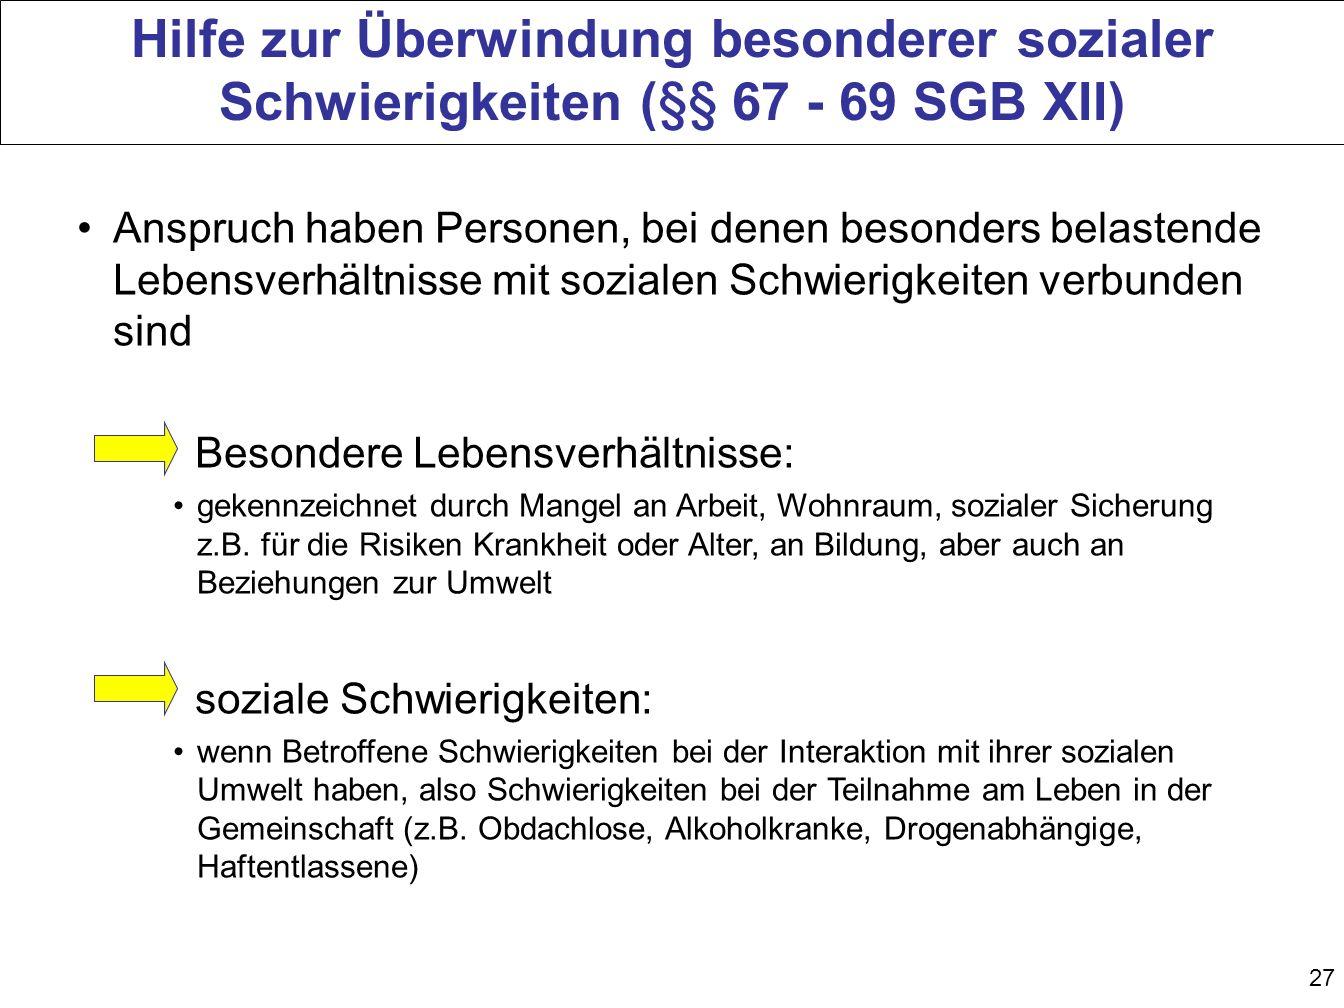 Hilfe zur Überwindung besonderer sozialer Schwierigkeiten (§§ 67 - 69 SGB XII)